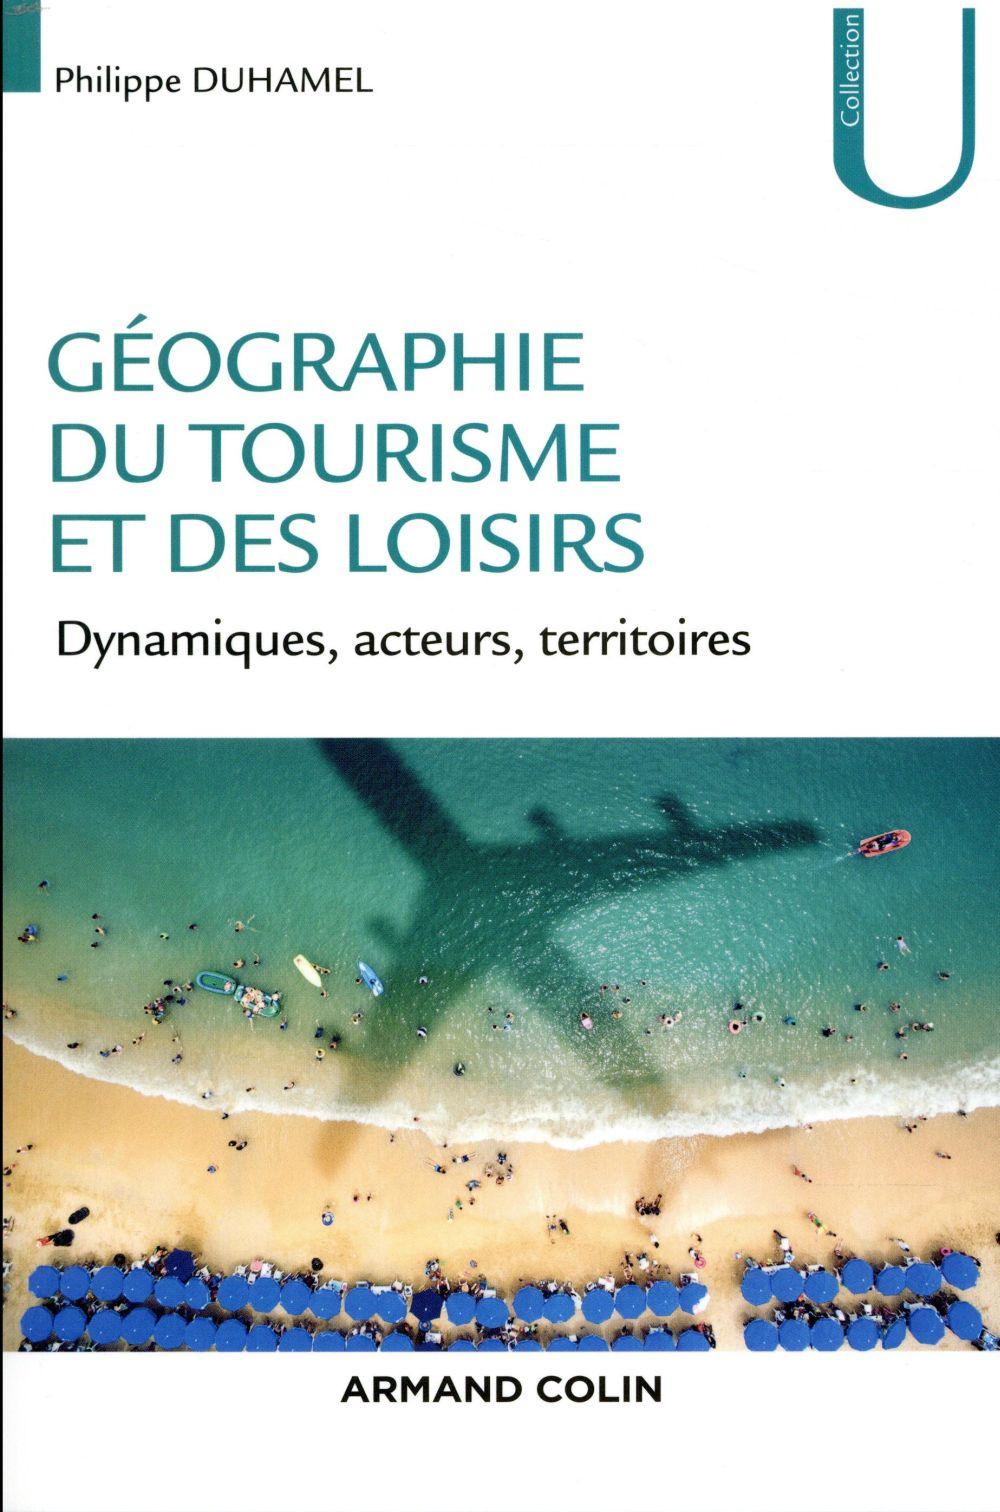 GEOGRAPHIE DU TOURISME ET DES LOISIRS - DYNAMIQUES, ACTEURS, TERRITOIRES